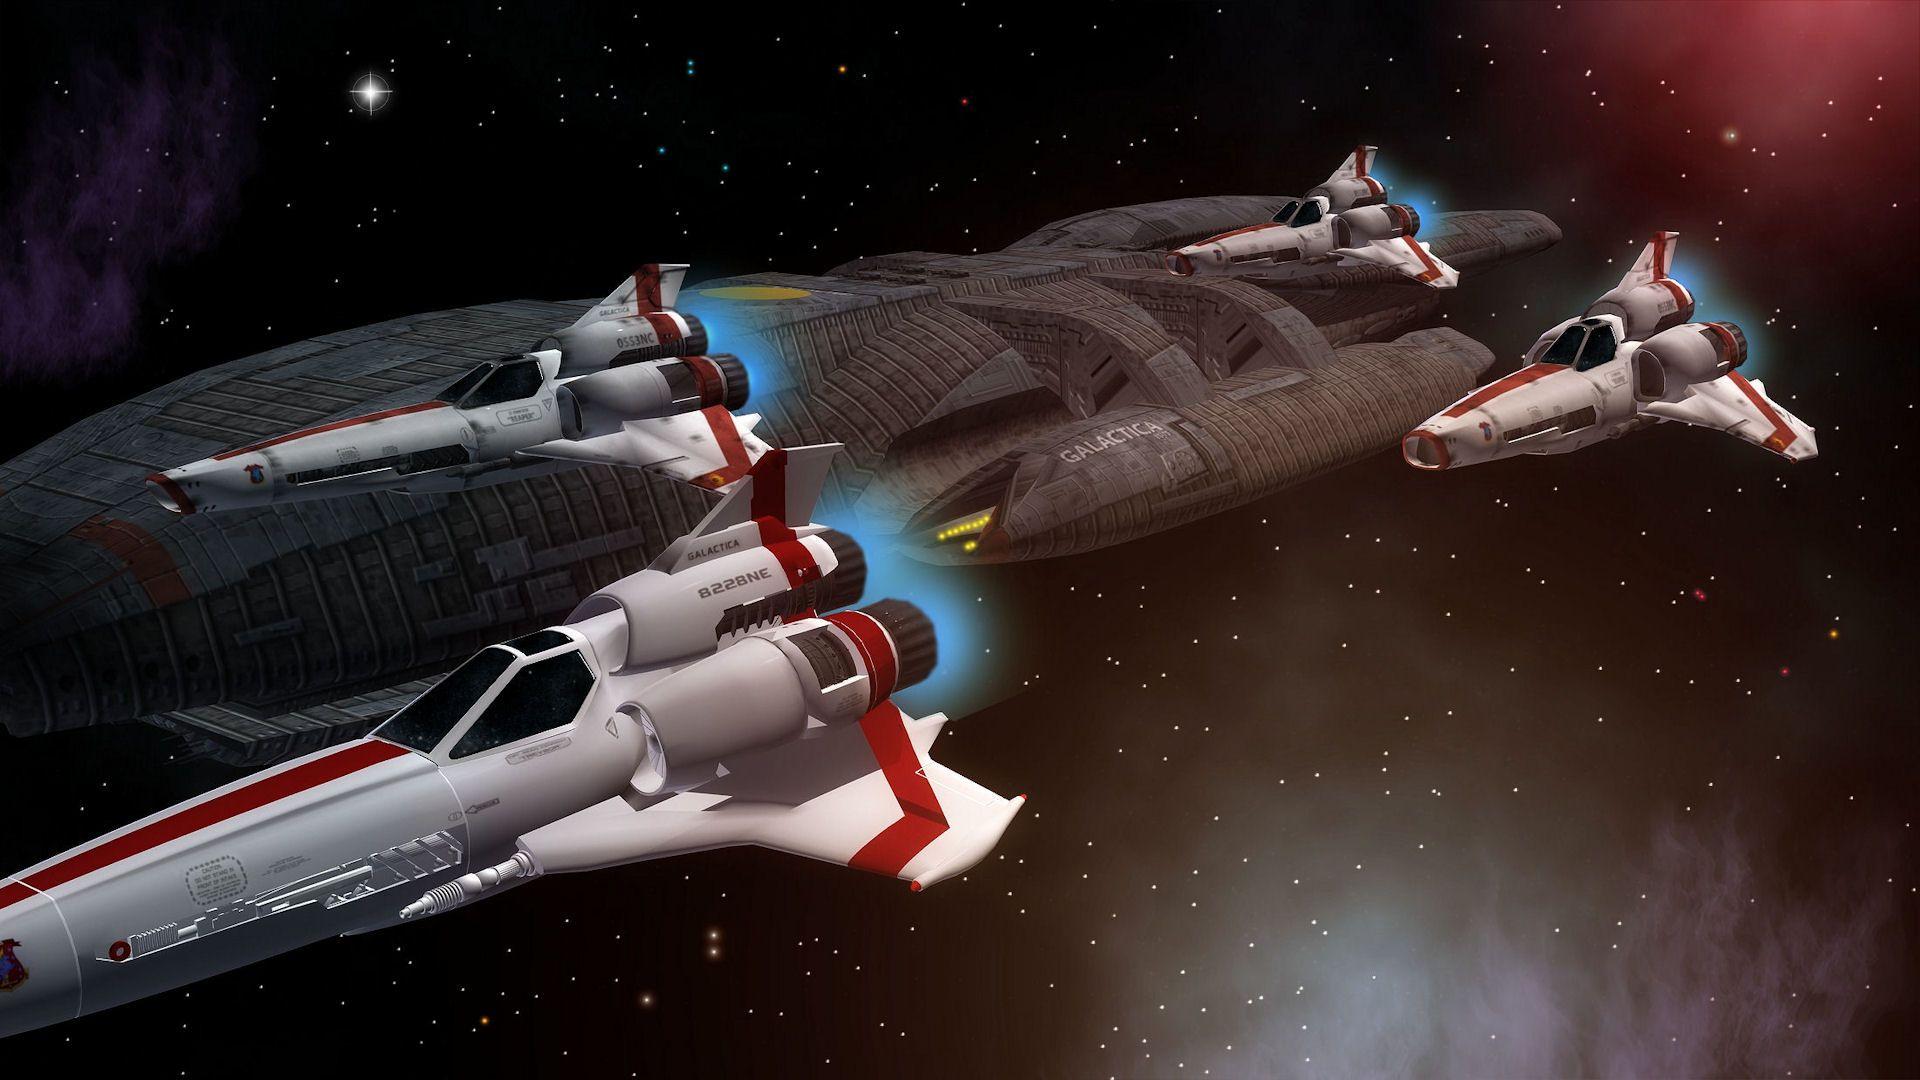 Everything Battlestar Galactica Battlestar Galactica Battle Star Wallpaper Backgrounds